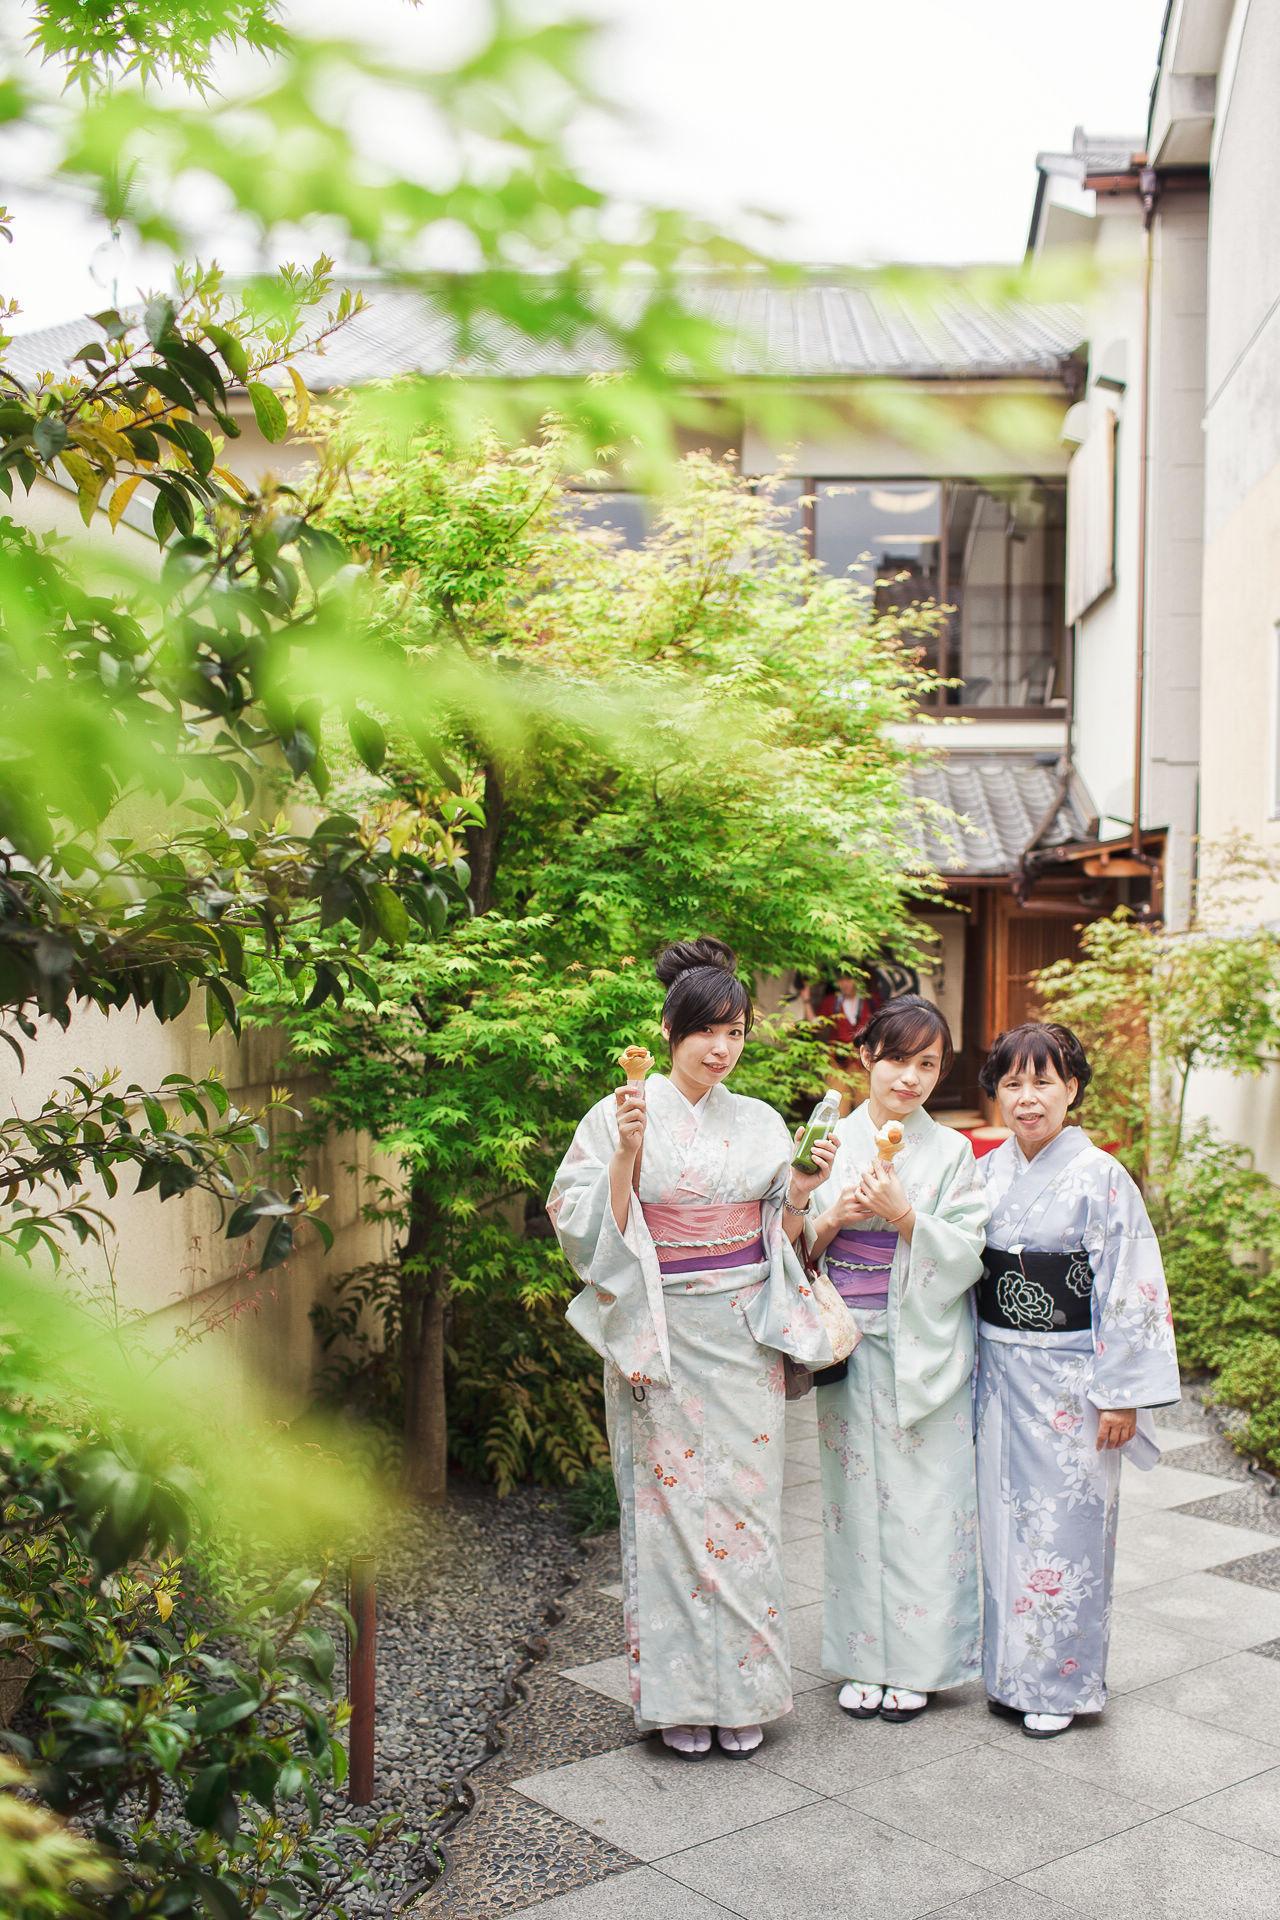 【京都拍婚紗】景點 – 夢館和服體驗@清水寺